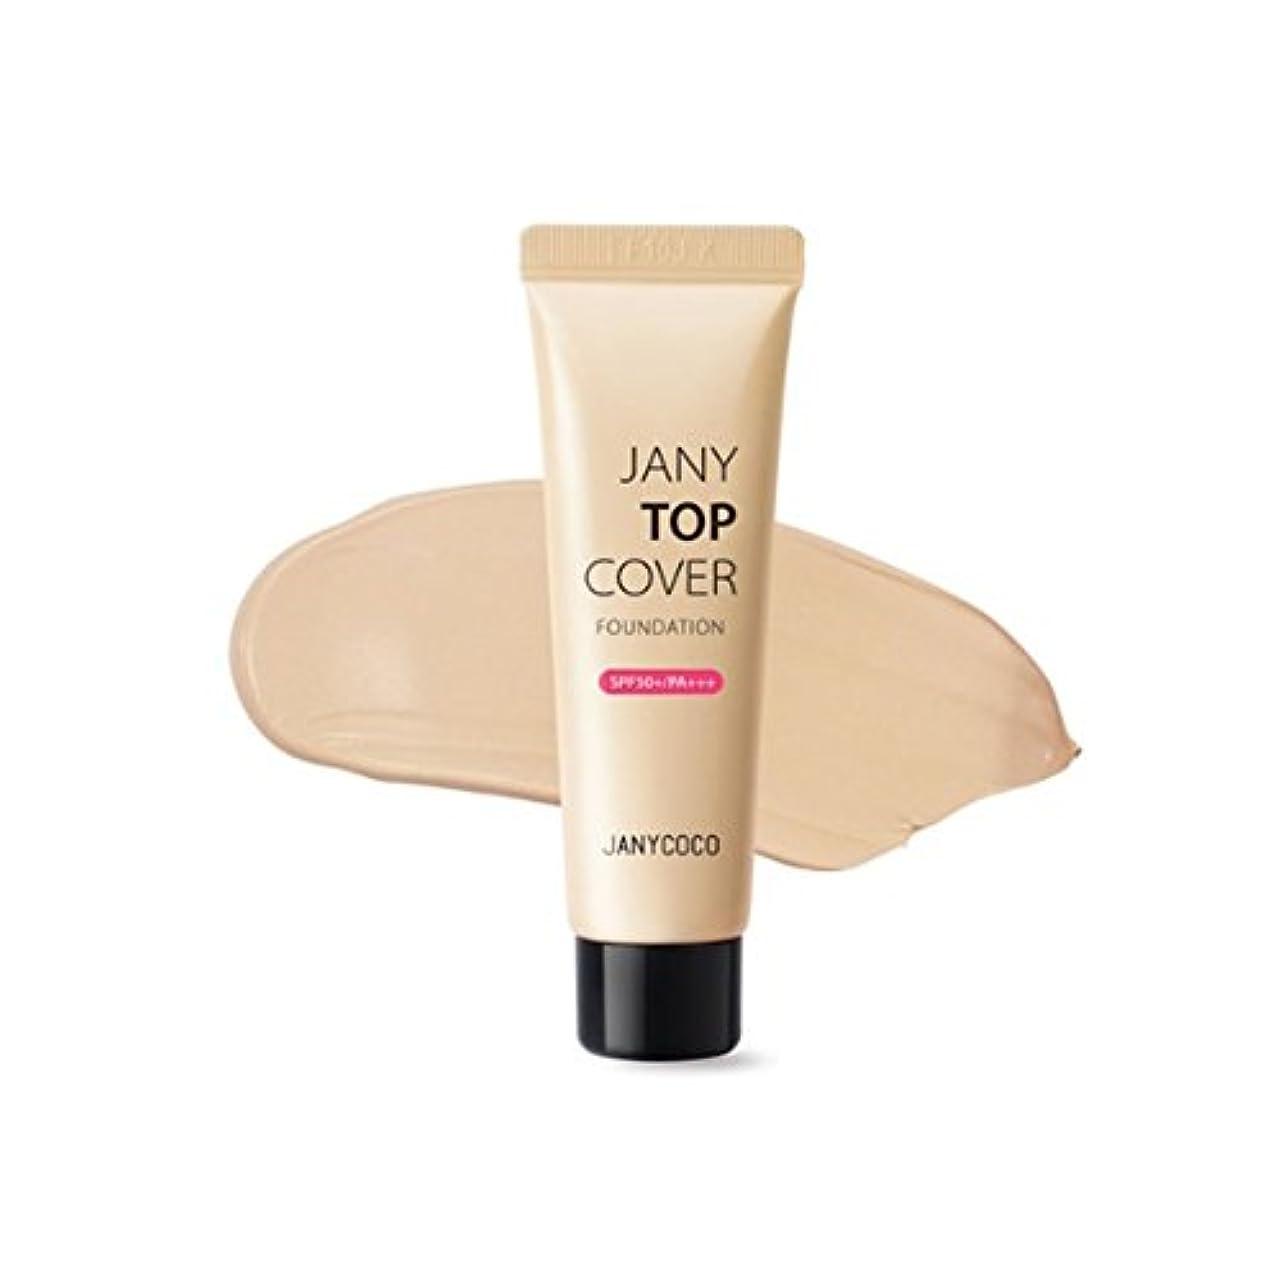 痛み備品鎮静剤ジェニーココジェニートップカバーファンデーション(SPF50+/PA+++)30ml 2カラー、Janycoco Jany Top Cover Foundation (SPF50+/PA+++) 30ml 2 Colors...